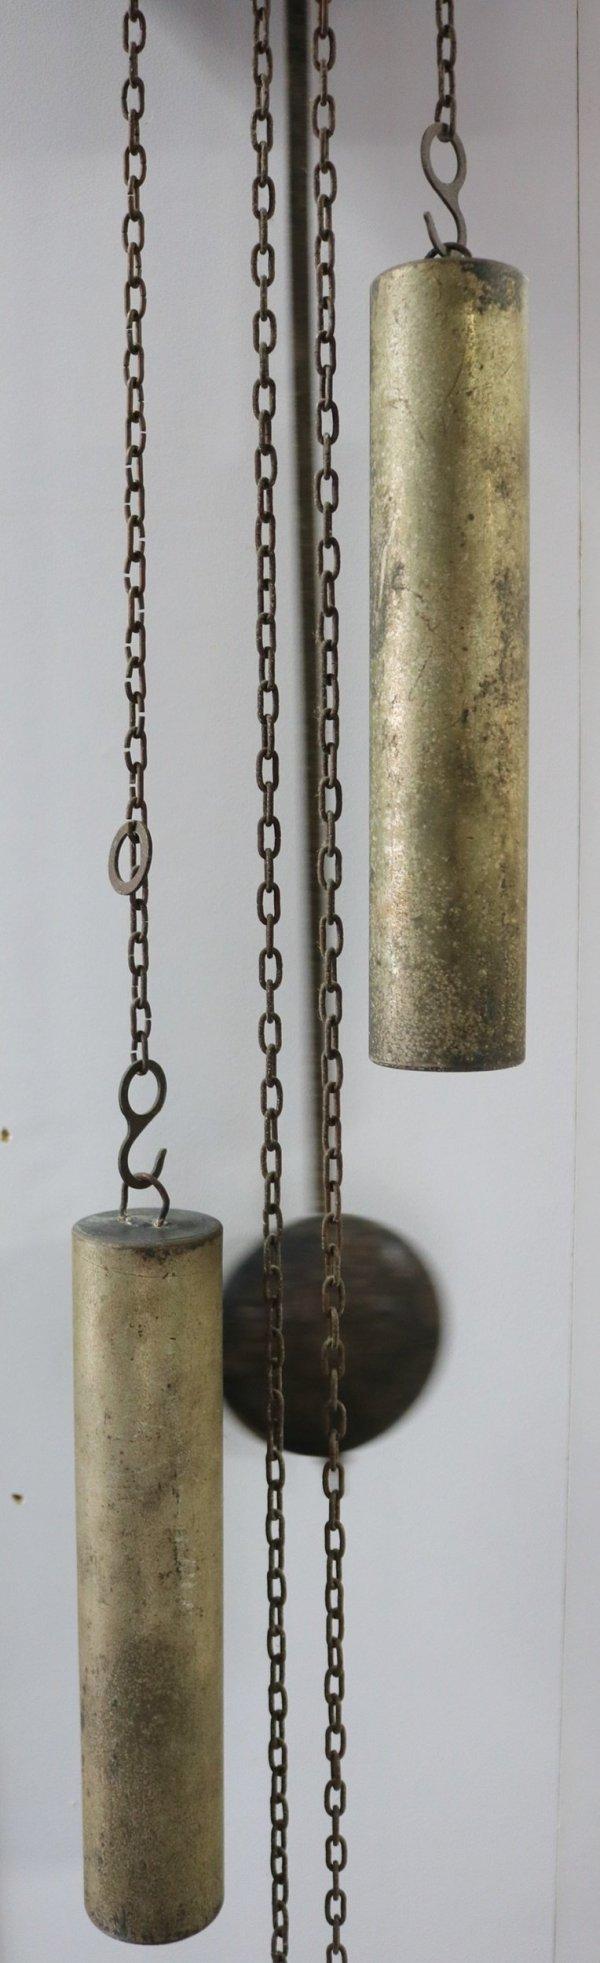 Erwin Sattler Wall Clock weights